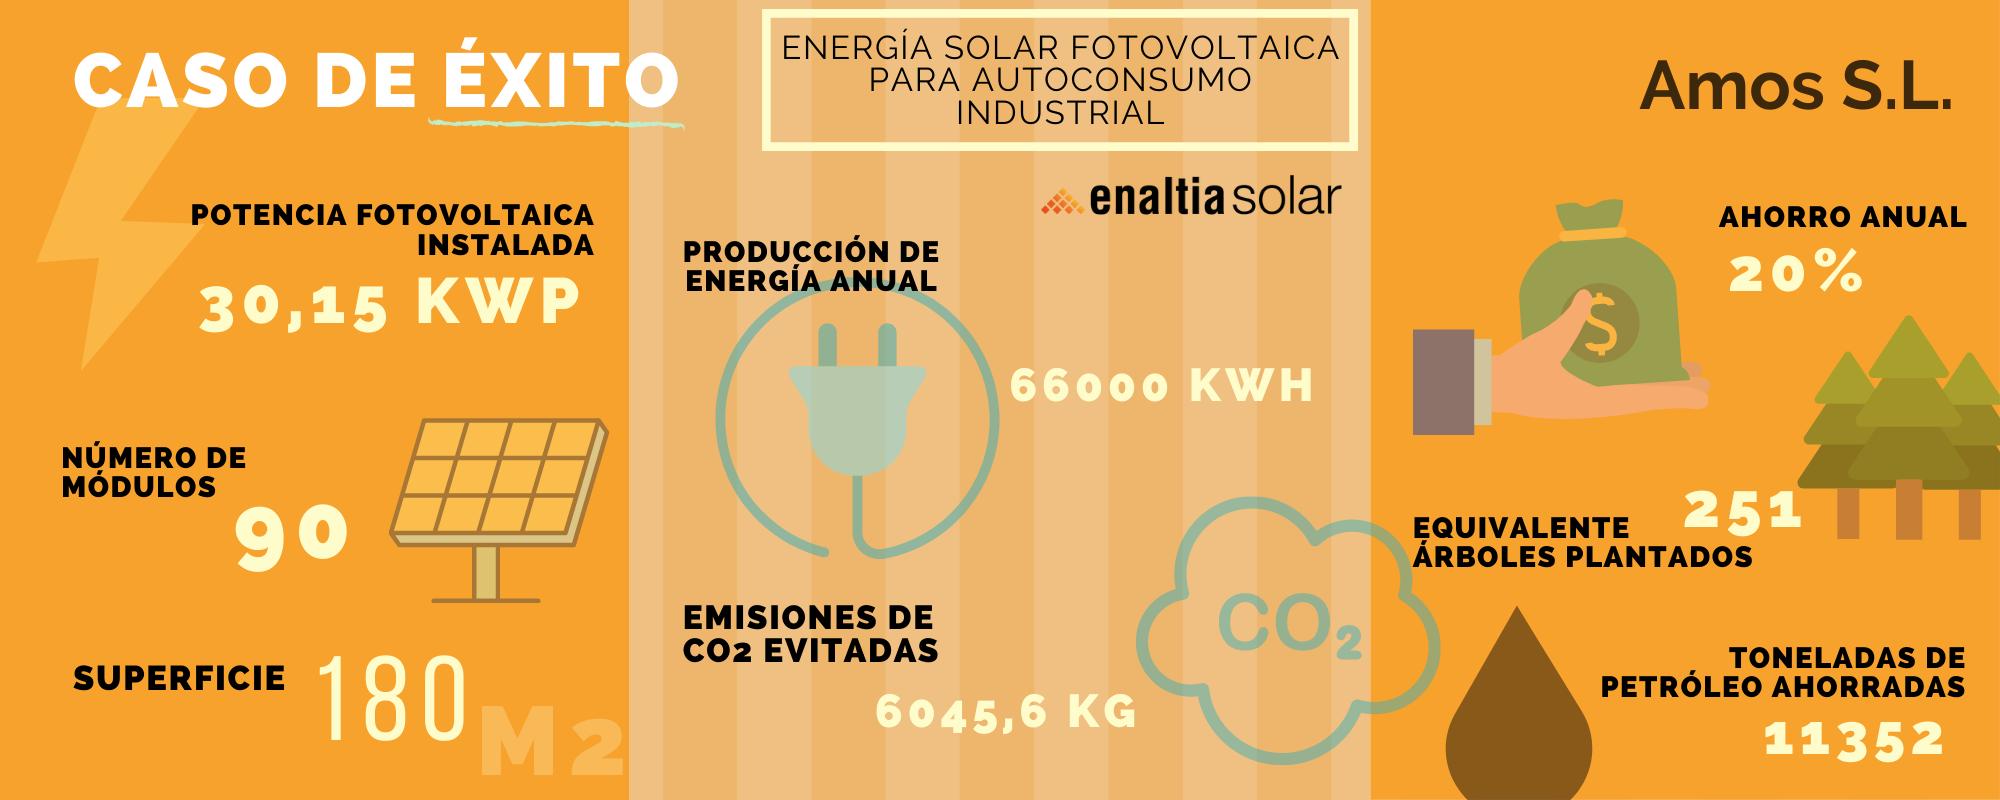 instalación fotovoltaica en grandes superficies